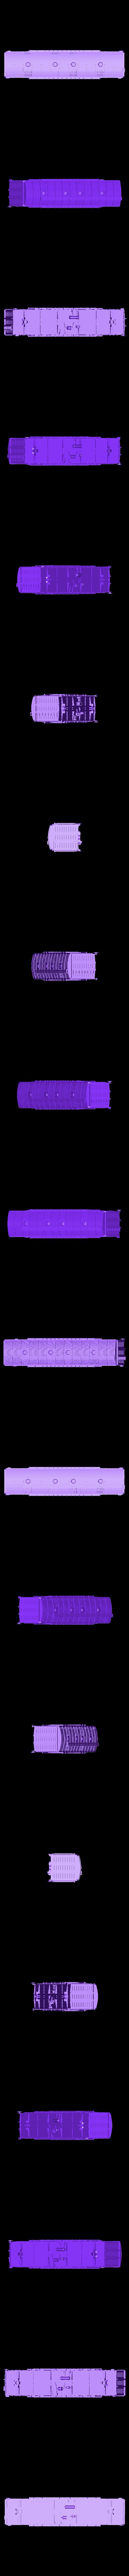 rail_wiper_v42.stl Télécharger fichier STL gratuit Boxcar russe série 11-270, échelle HO • Design pour impression 3D, positron